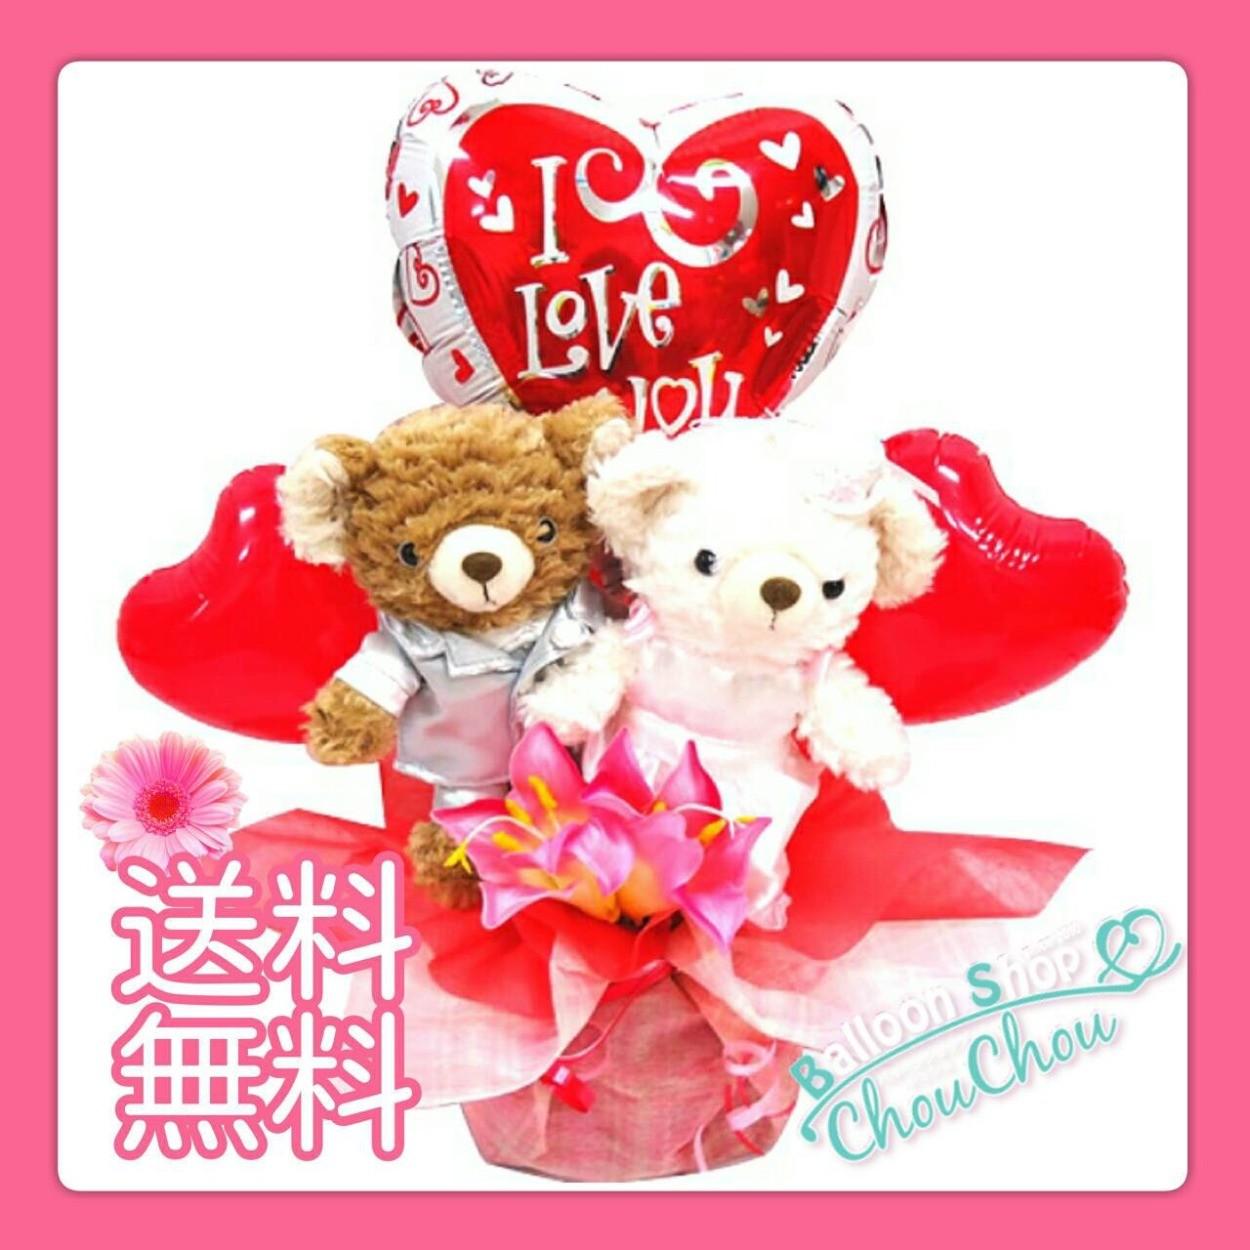 ペアのクマちゃんとハートとお花の可愛いアレンジメントのバルーン電報